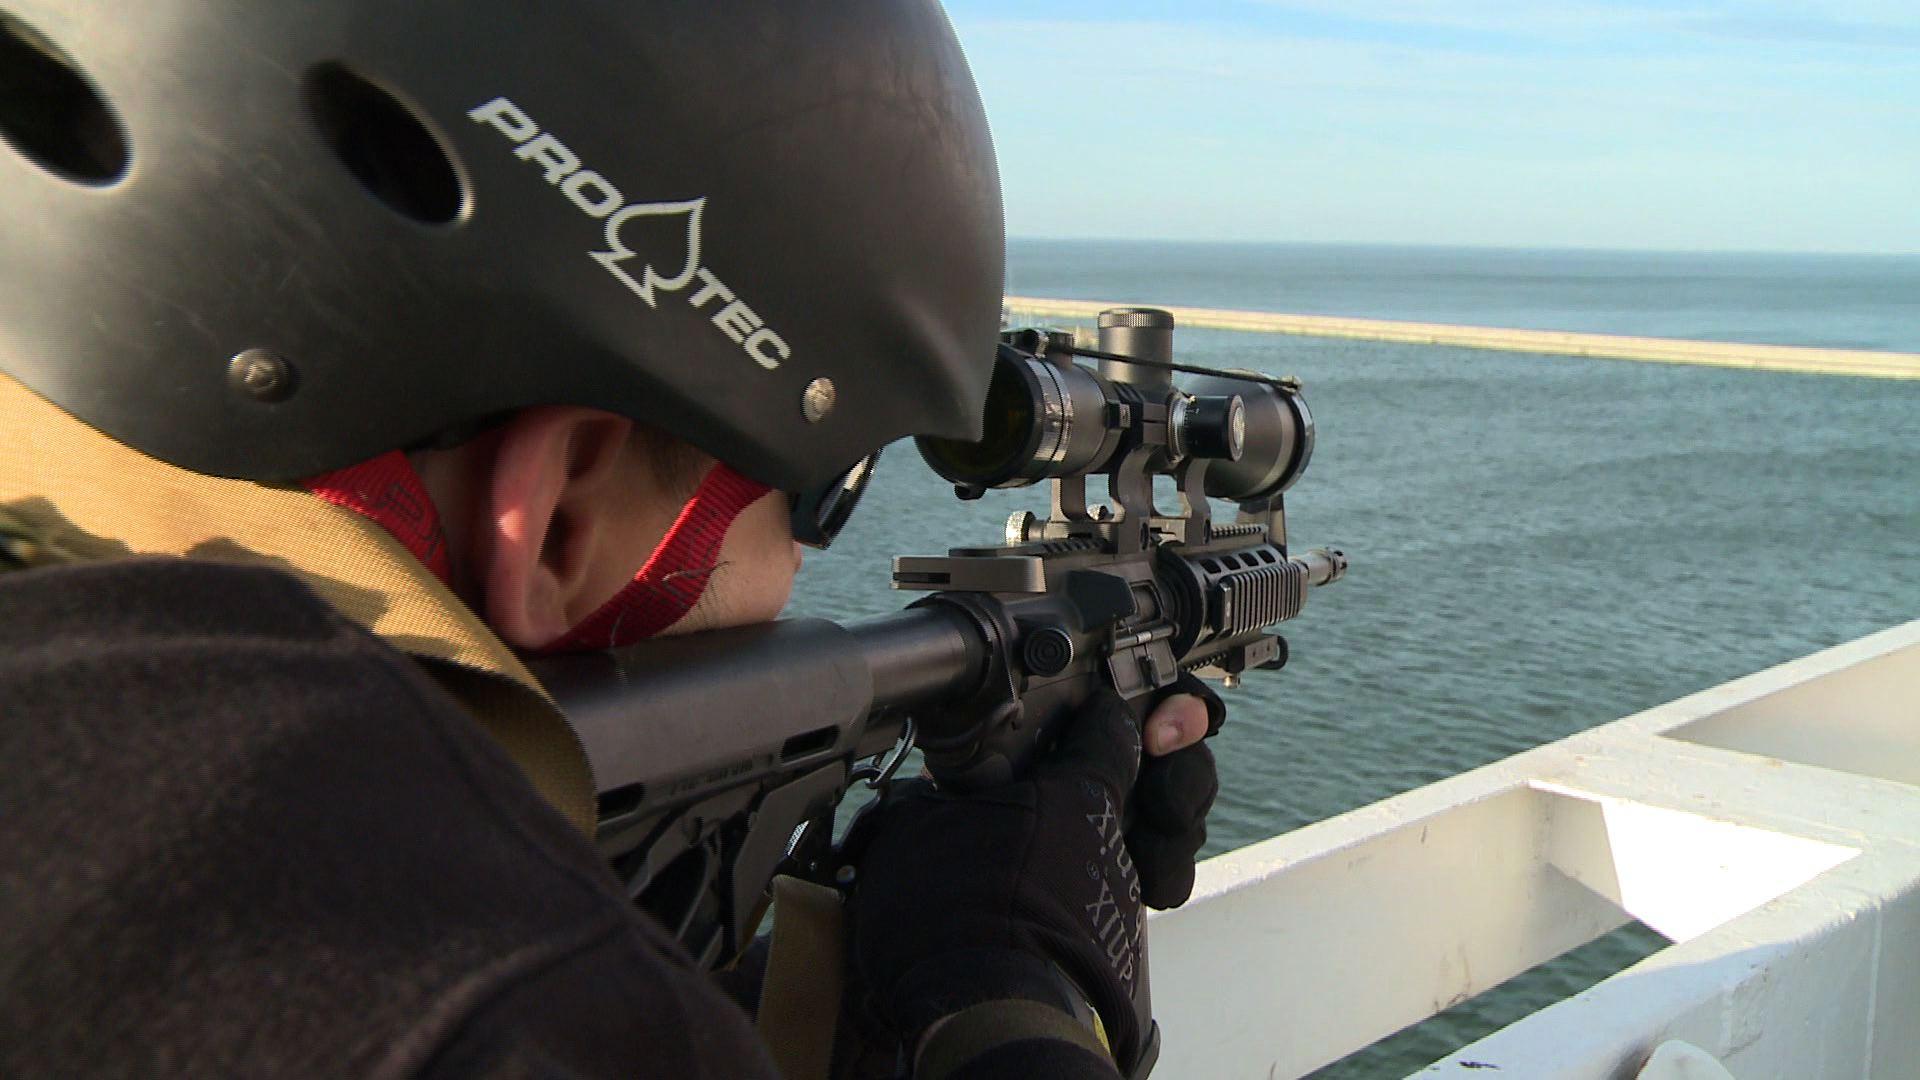 Polonia: Así se capacitan en el mejor centro de entrenamiento de seguridad del mundo [Video]